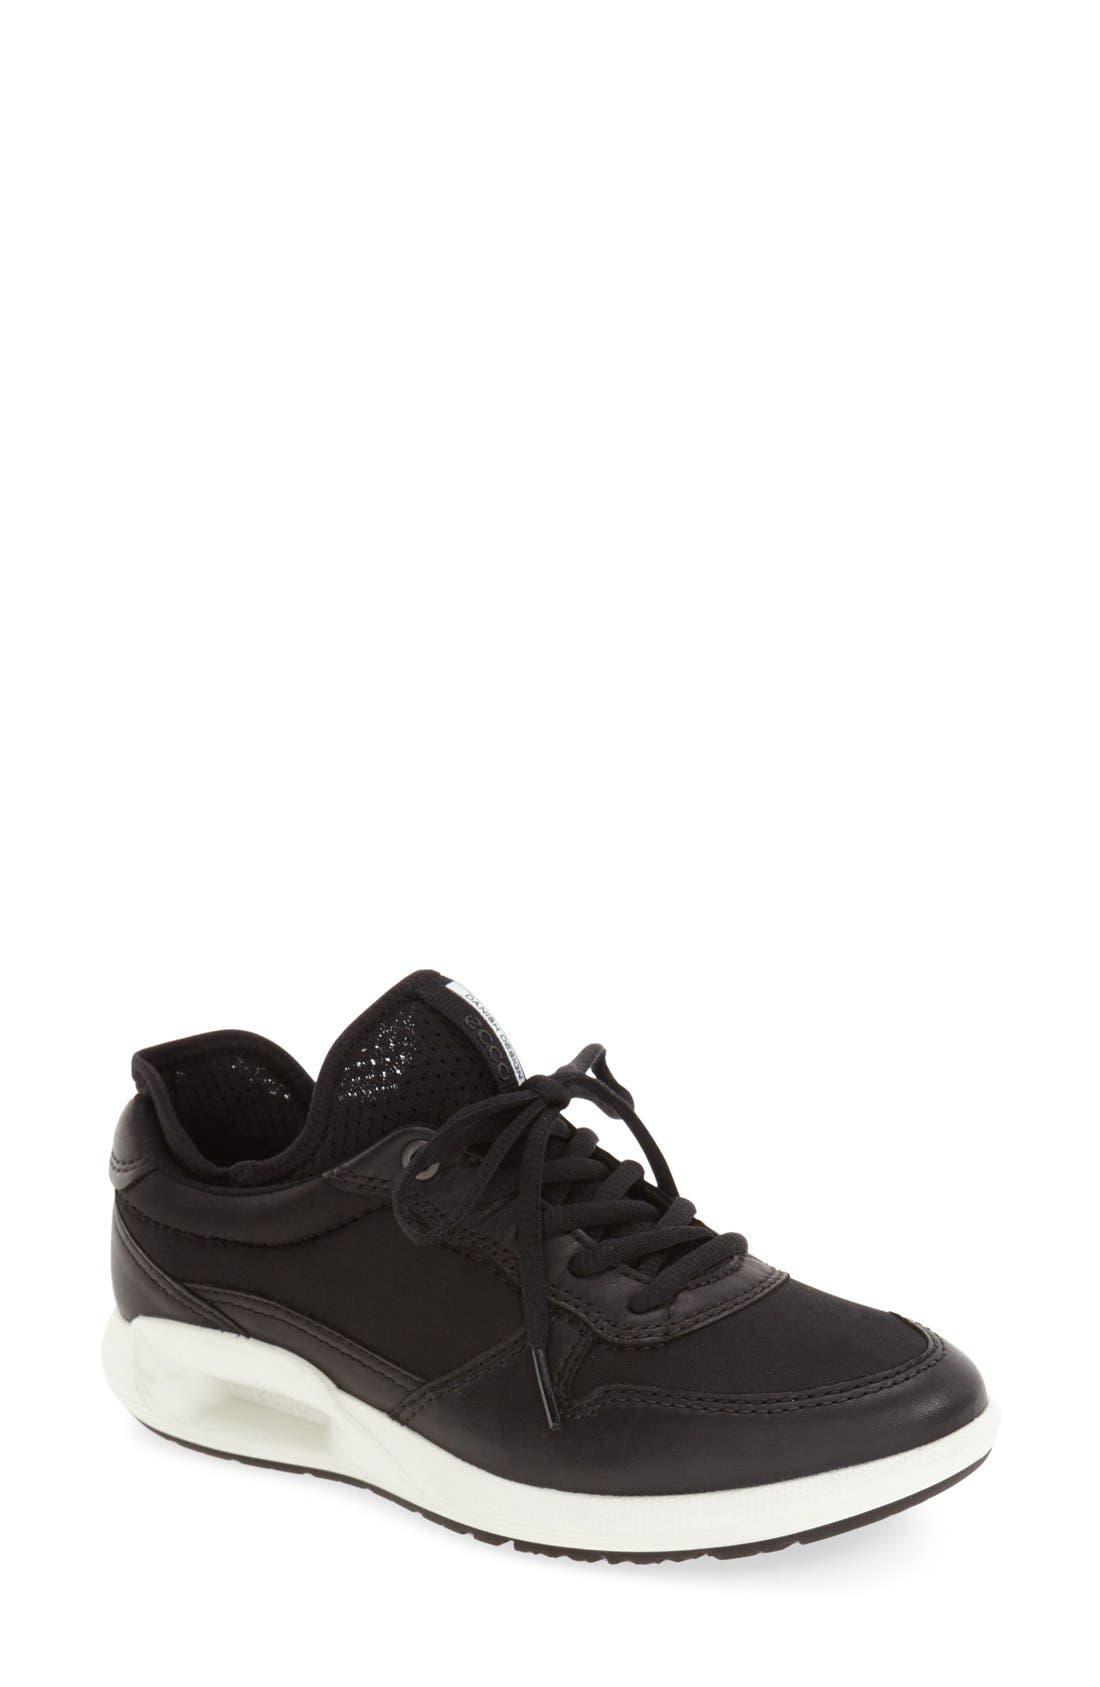 ECCO 'CS16' Sneaker (Women)